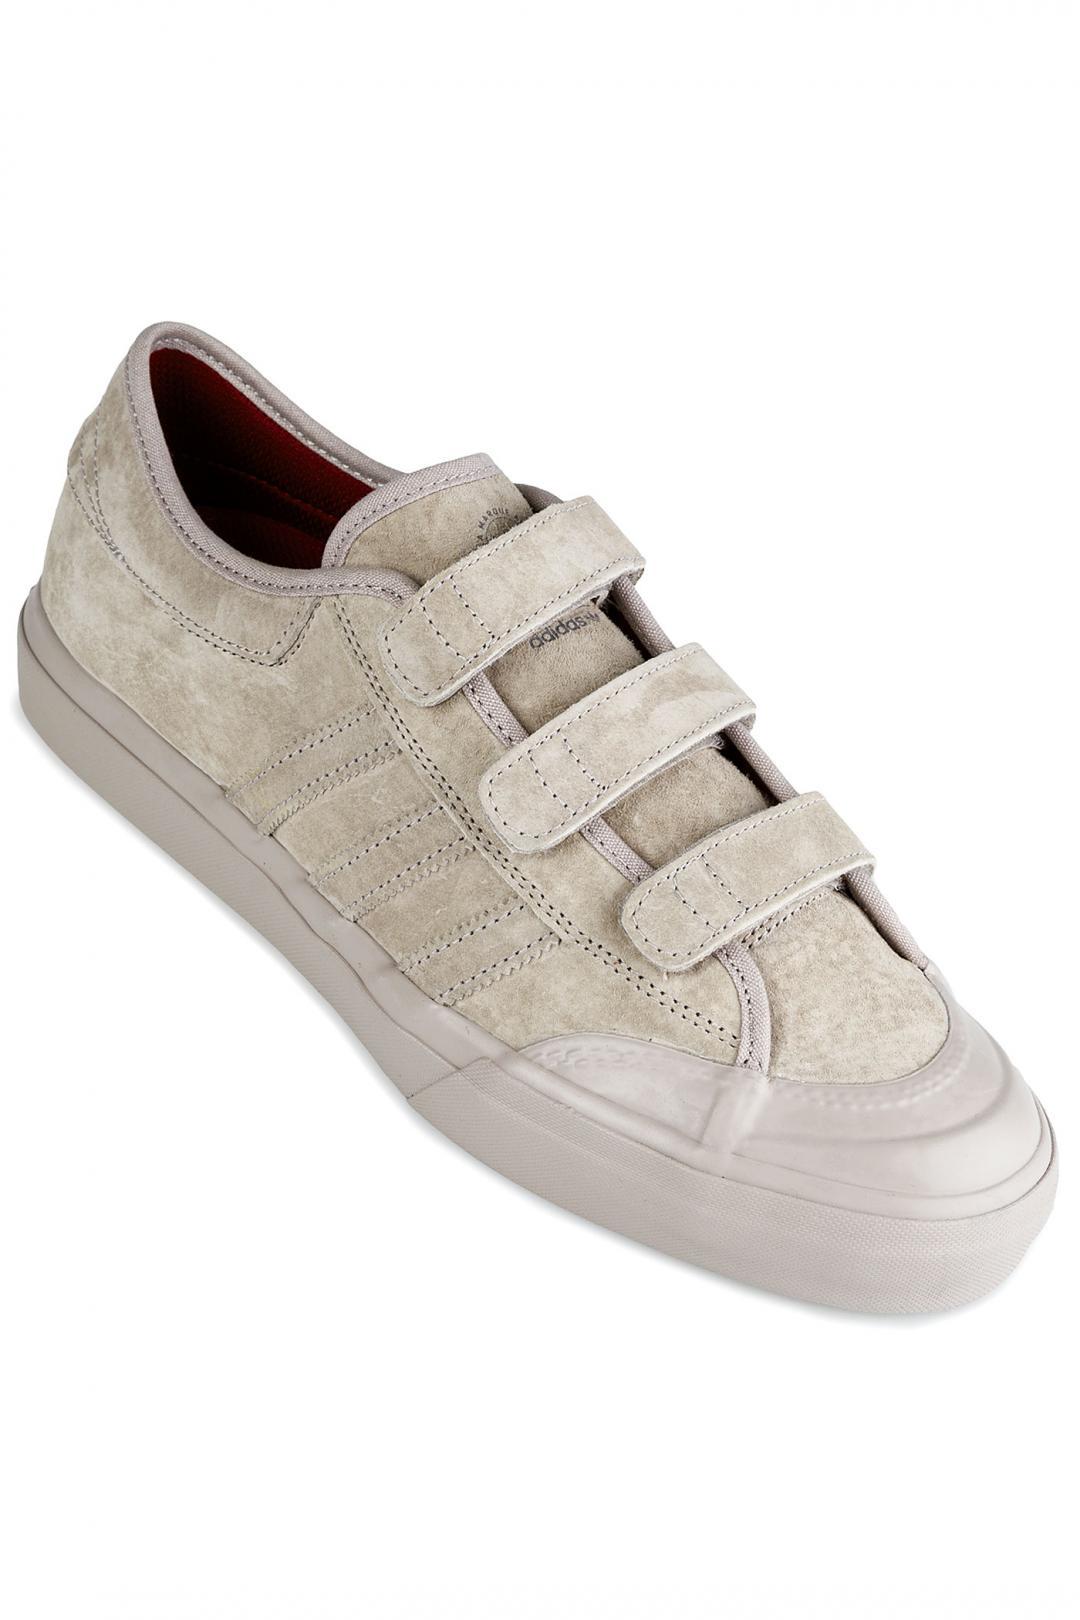 Uomo adidas Skateboarding Matchcourt CF vapour grey vapour grey vapour g | Sneakers low top